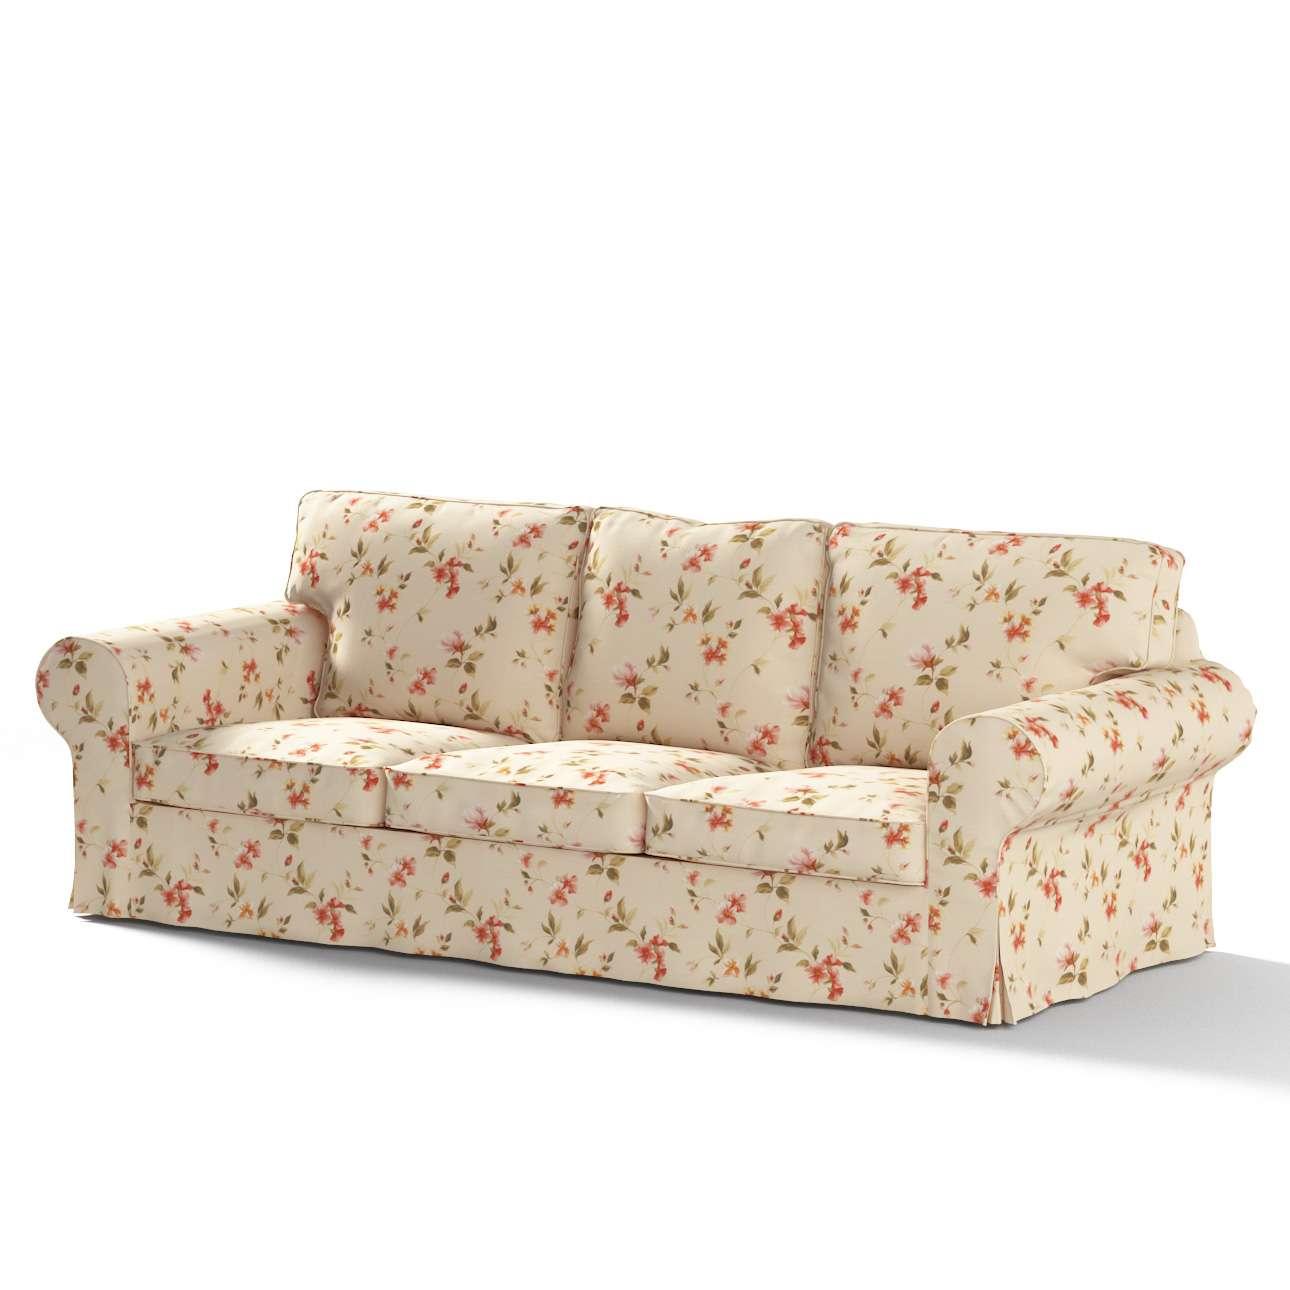 Pokrowiec na sofę Ektorp 3-osobową, rozkładaną STARY MODEL w kolekcji Londres, tkanina: 124-05